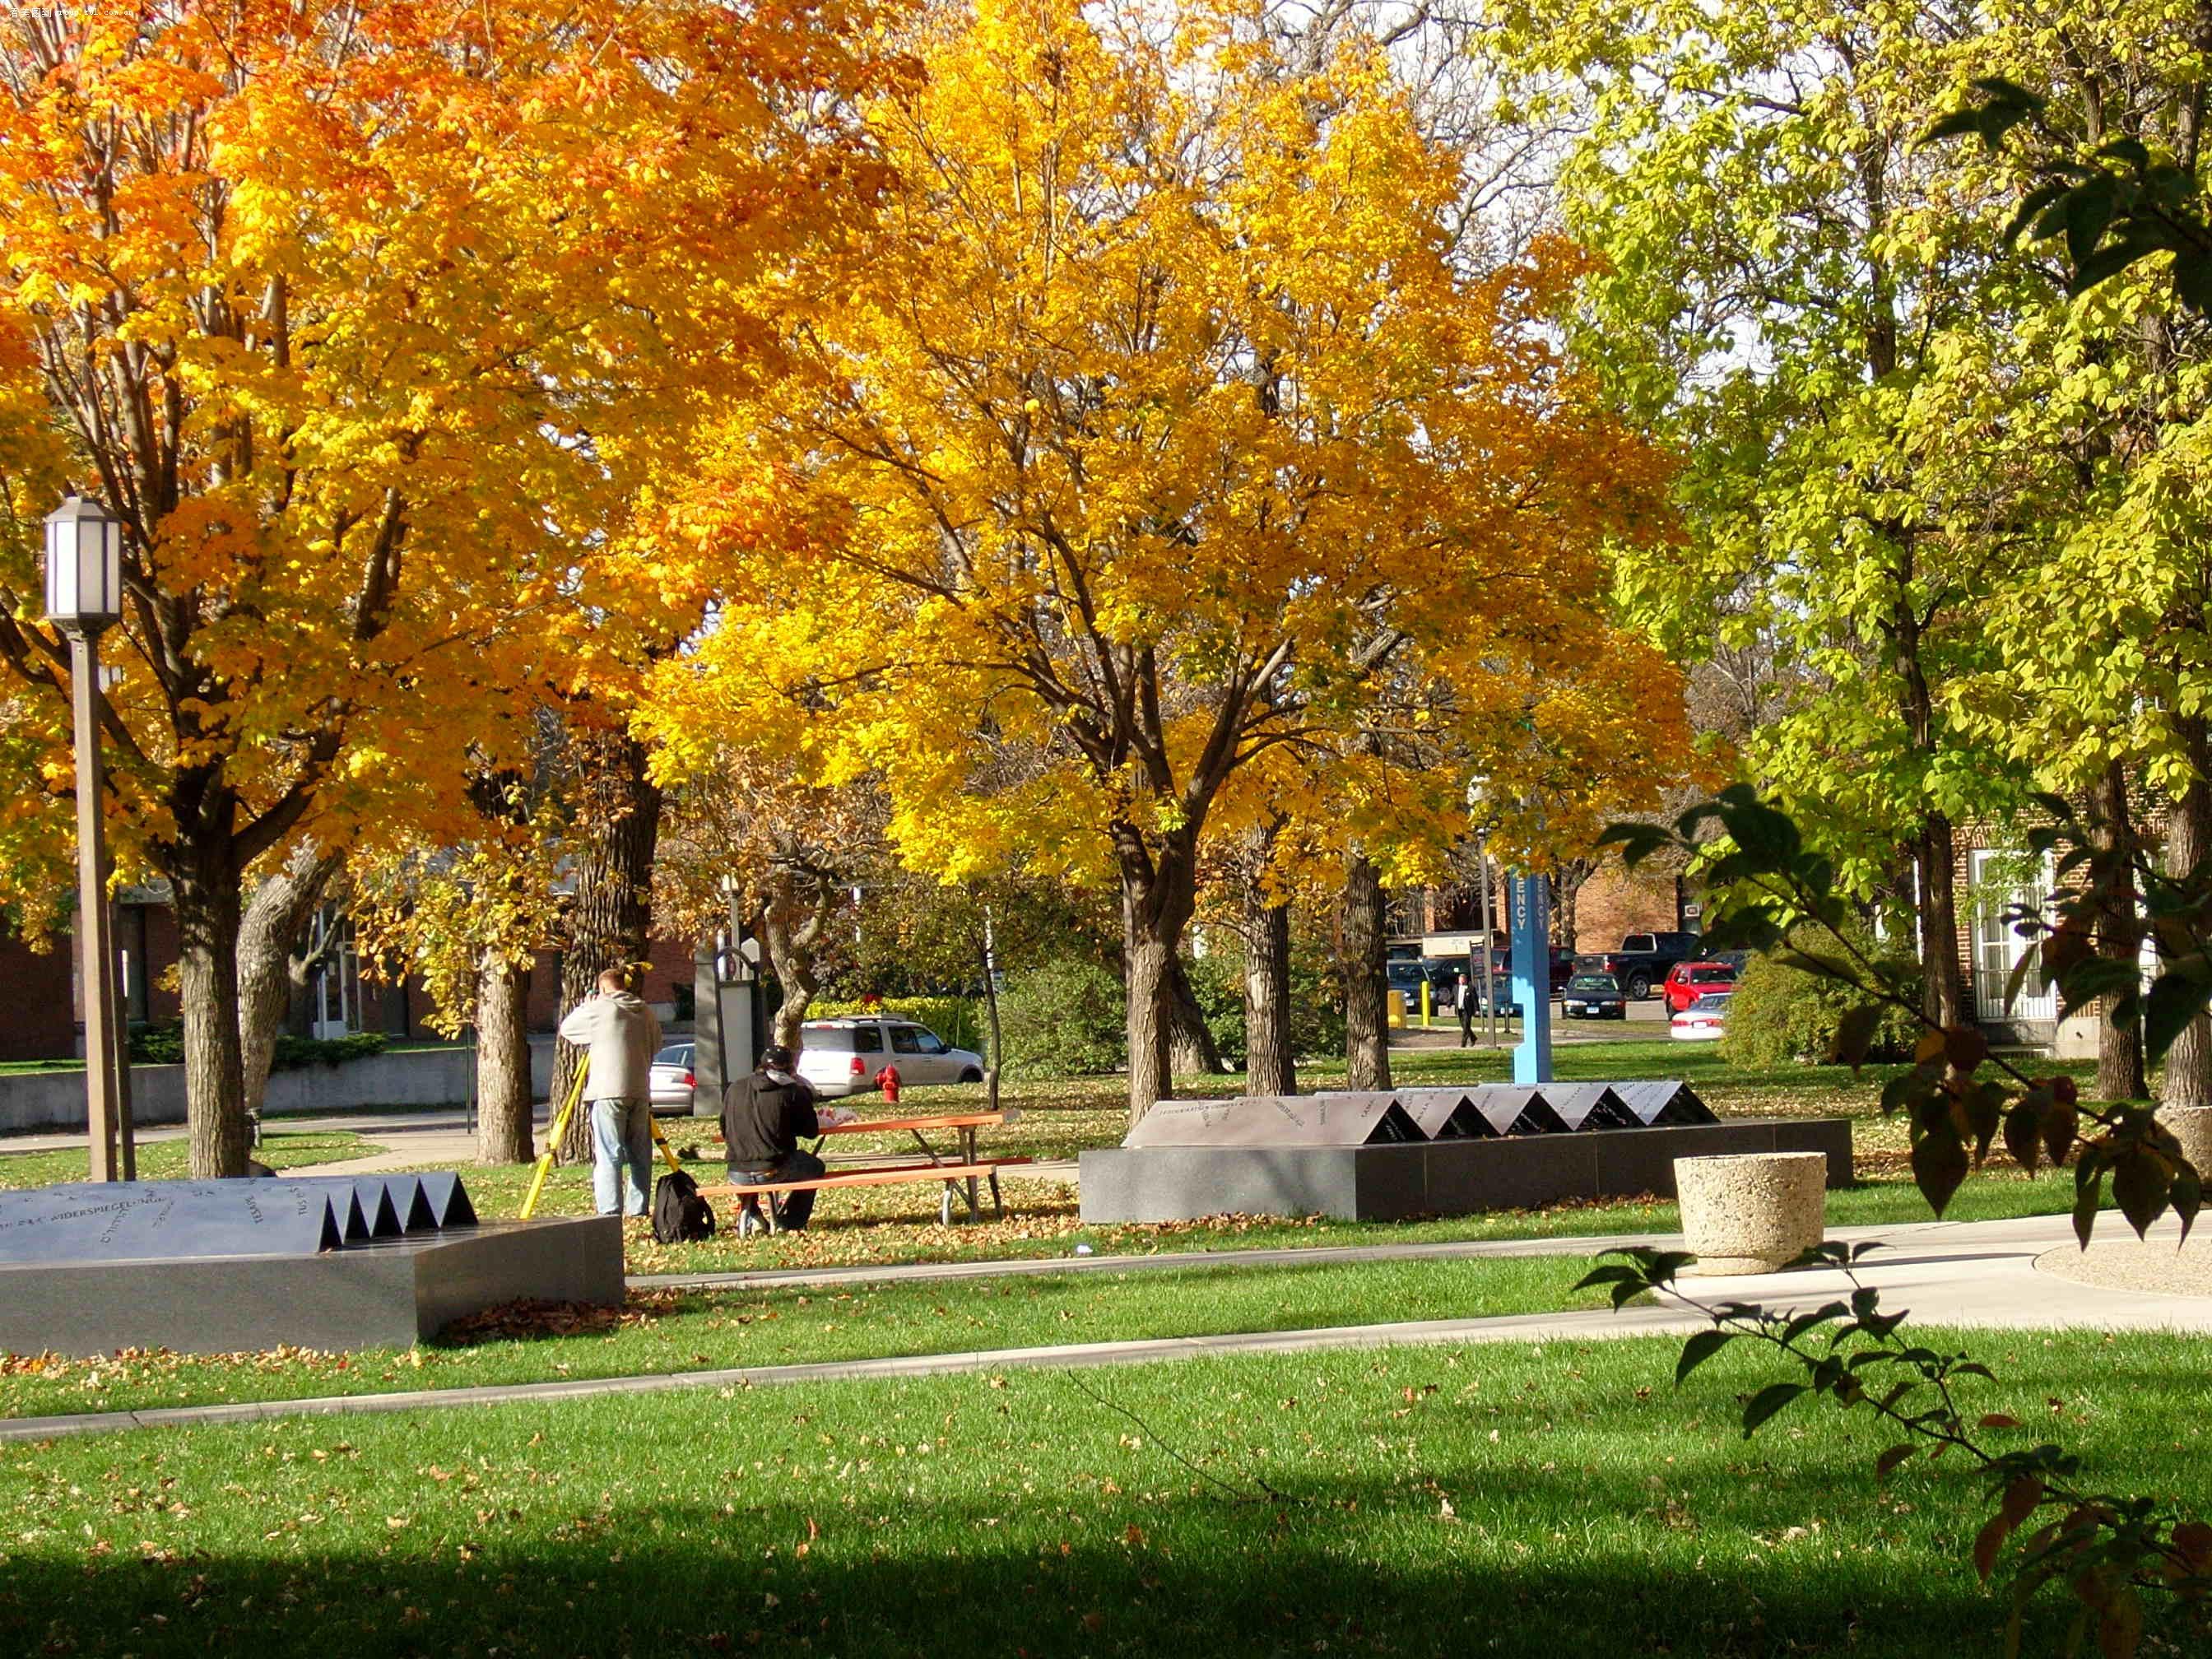 秋天的风景图片图片; 大明宣德炉真品全图;